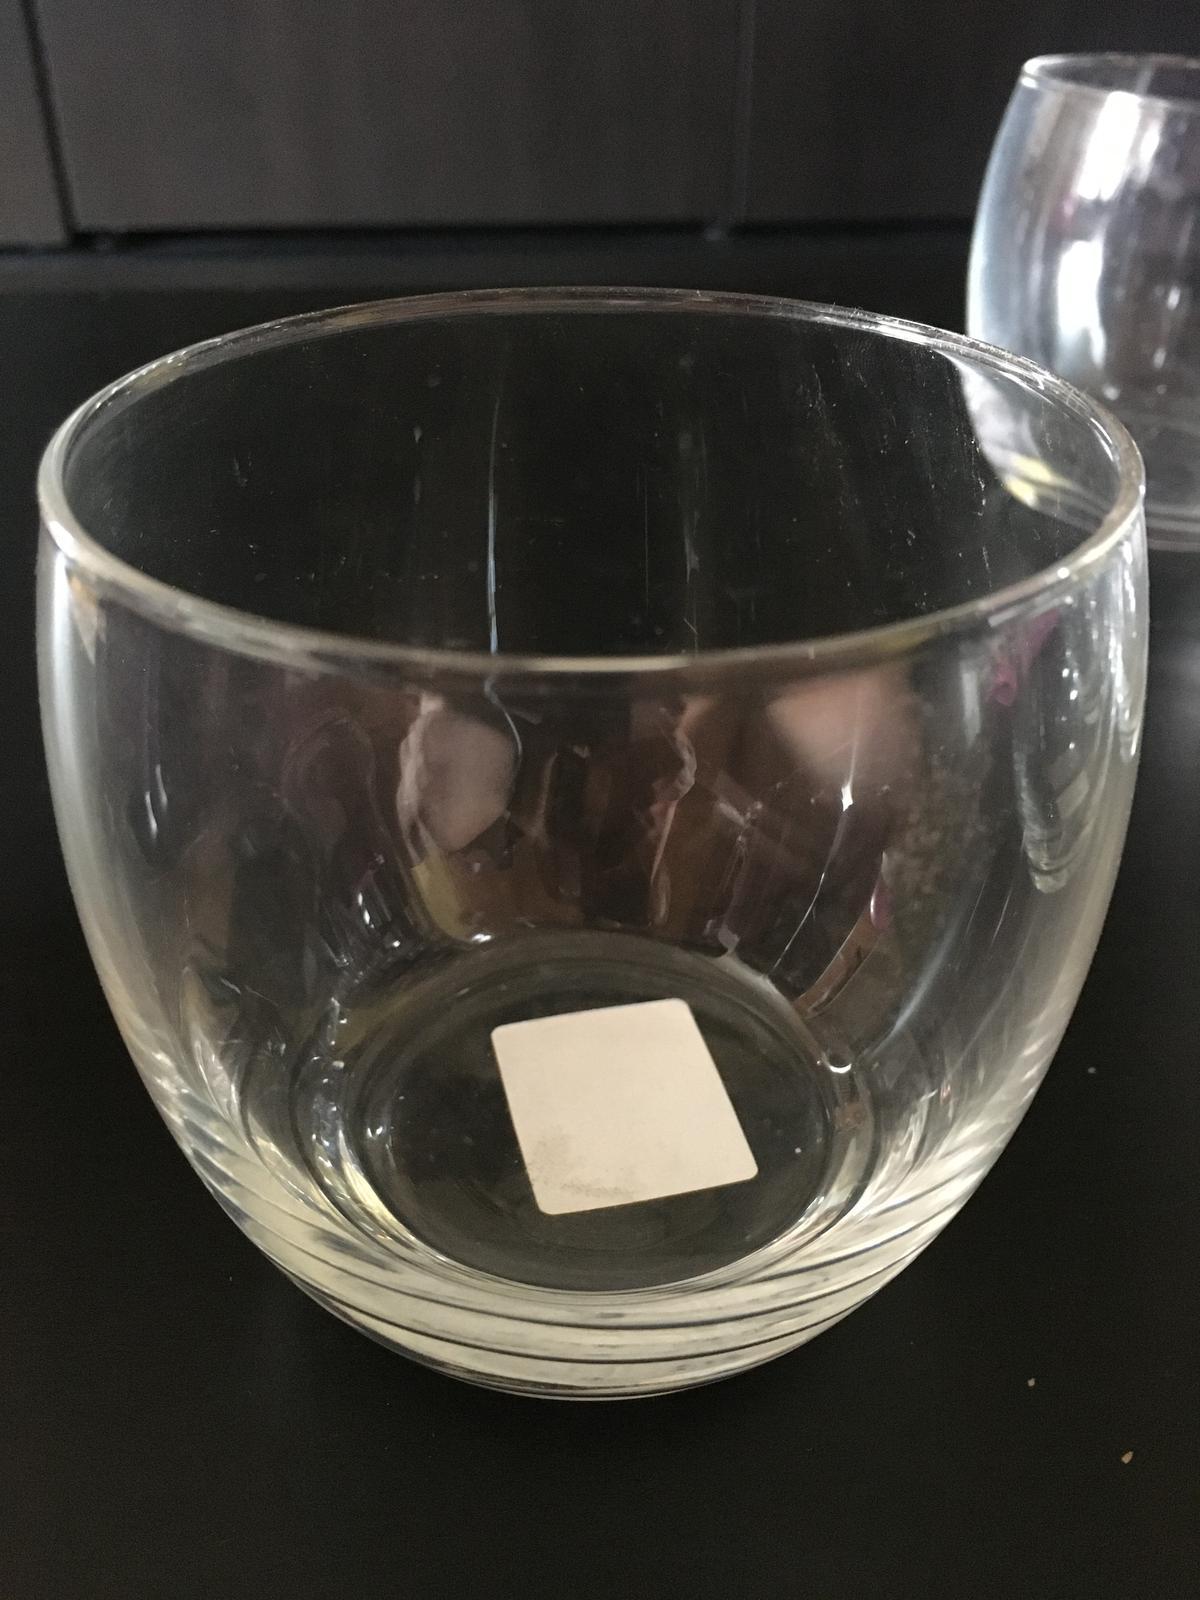 Dekorační sklenka svícen průhledná - Obrázek č. 1